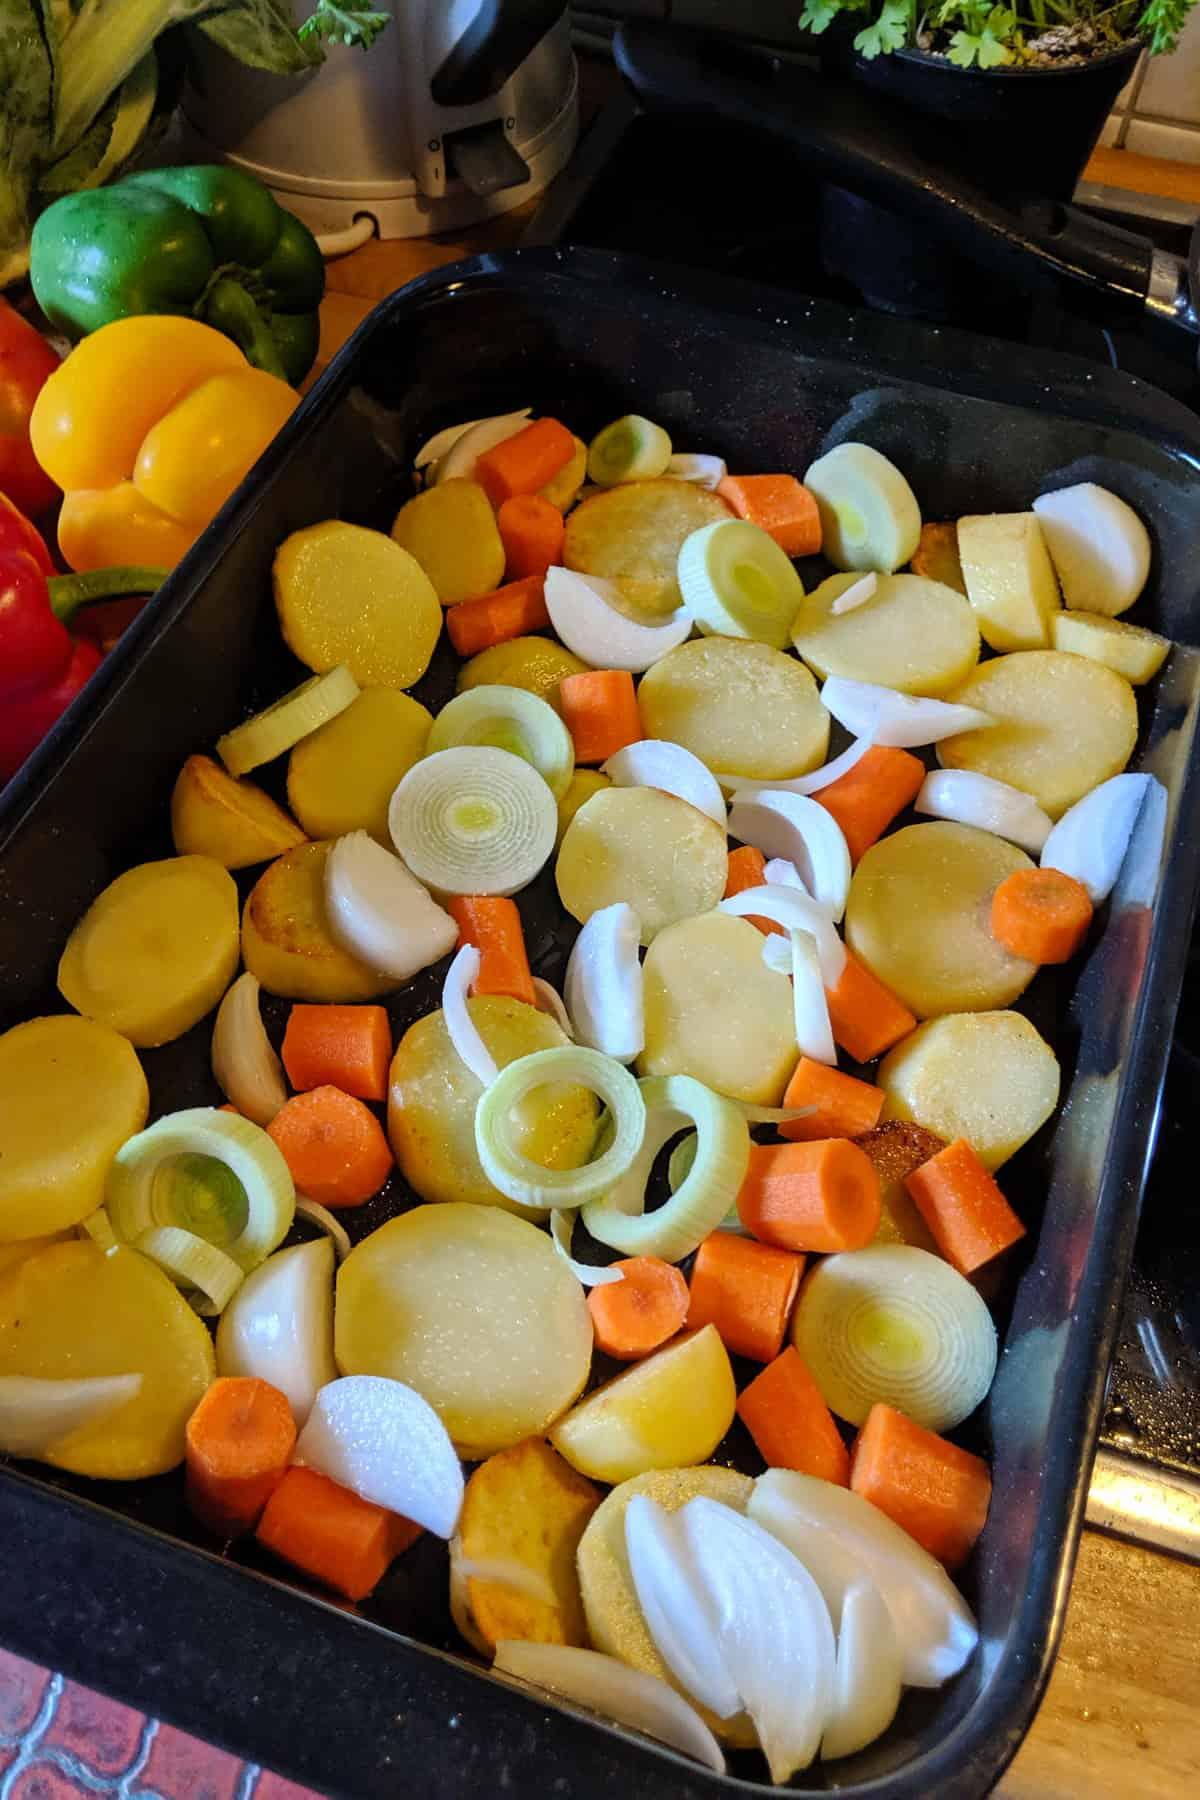 Die vorbereiteten Kartoffeln und das Gemüse in einer Auflaufform.